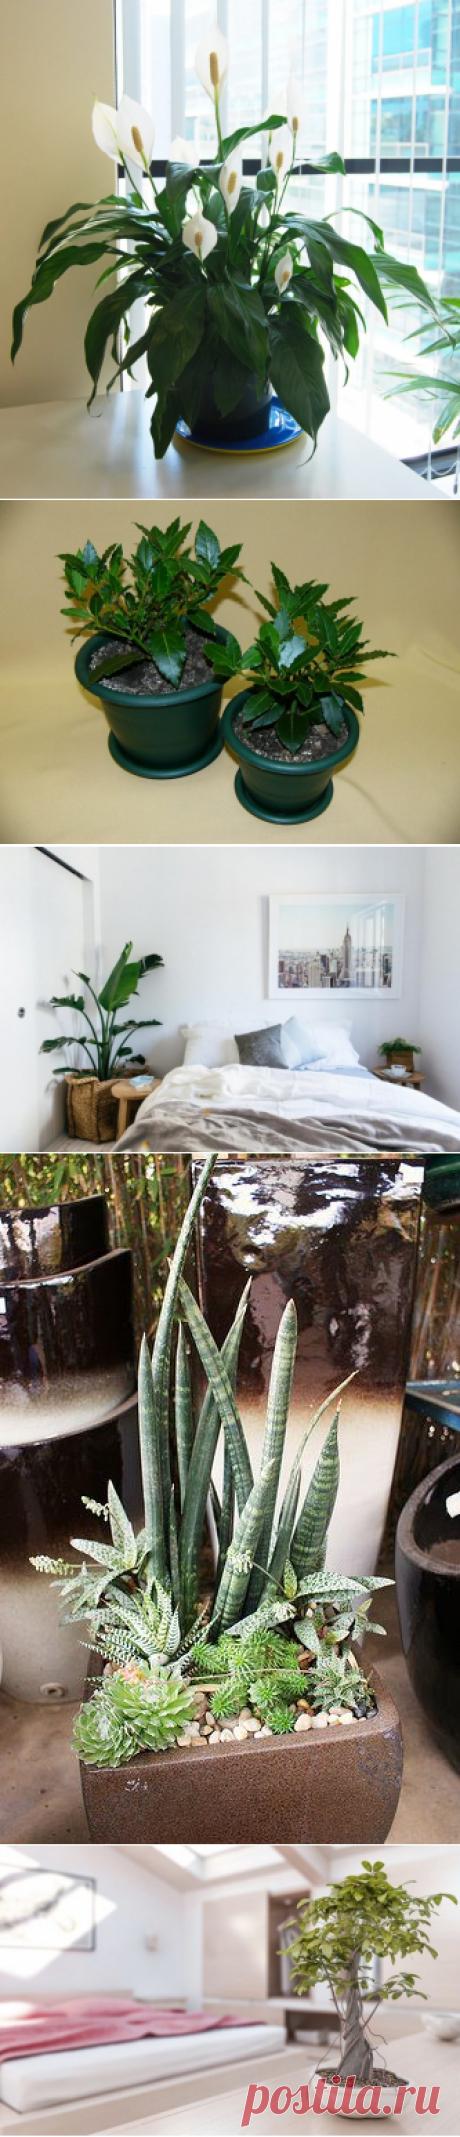 9 домашних растений, которые рекомендуется разместить в спальне / Домоседы